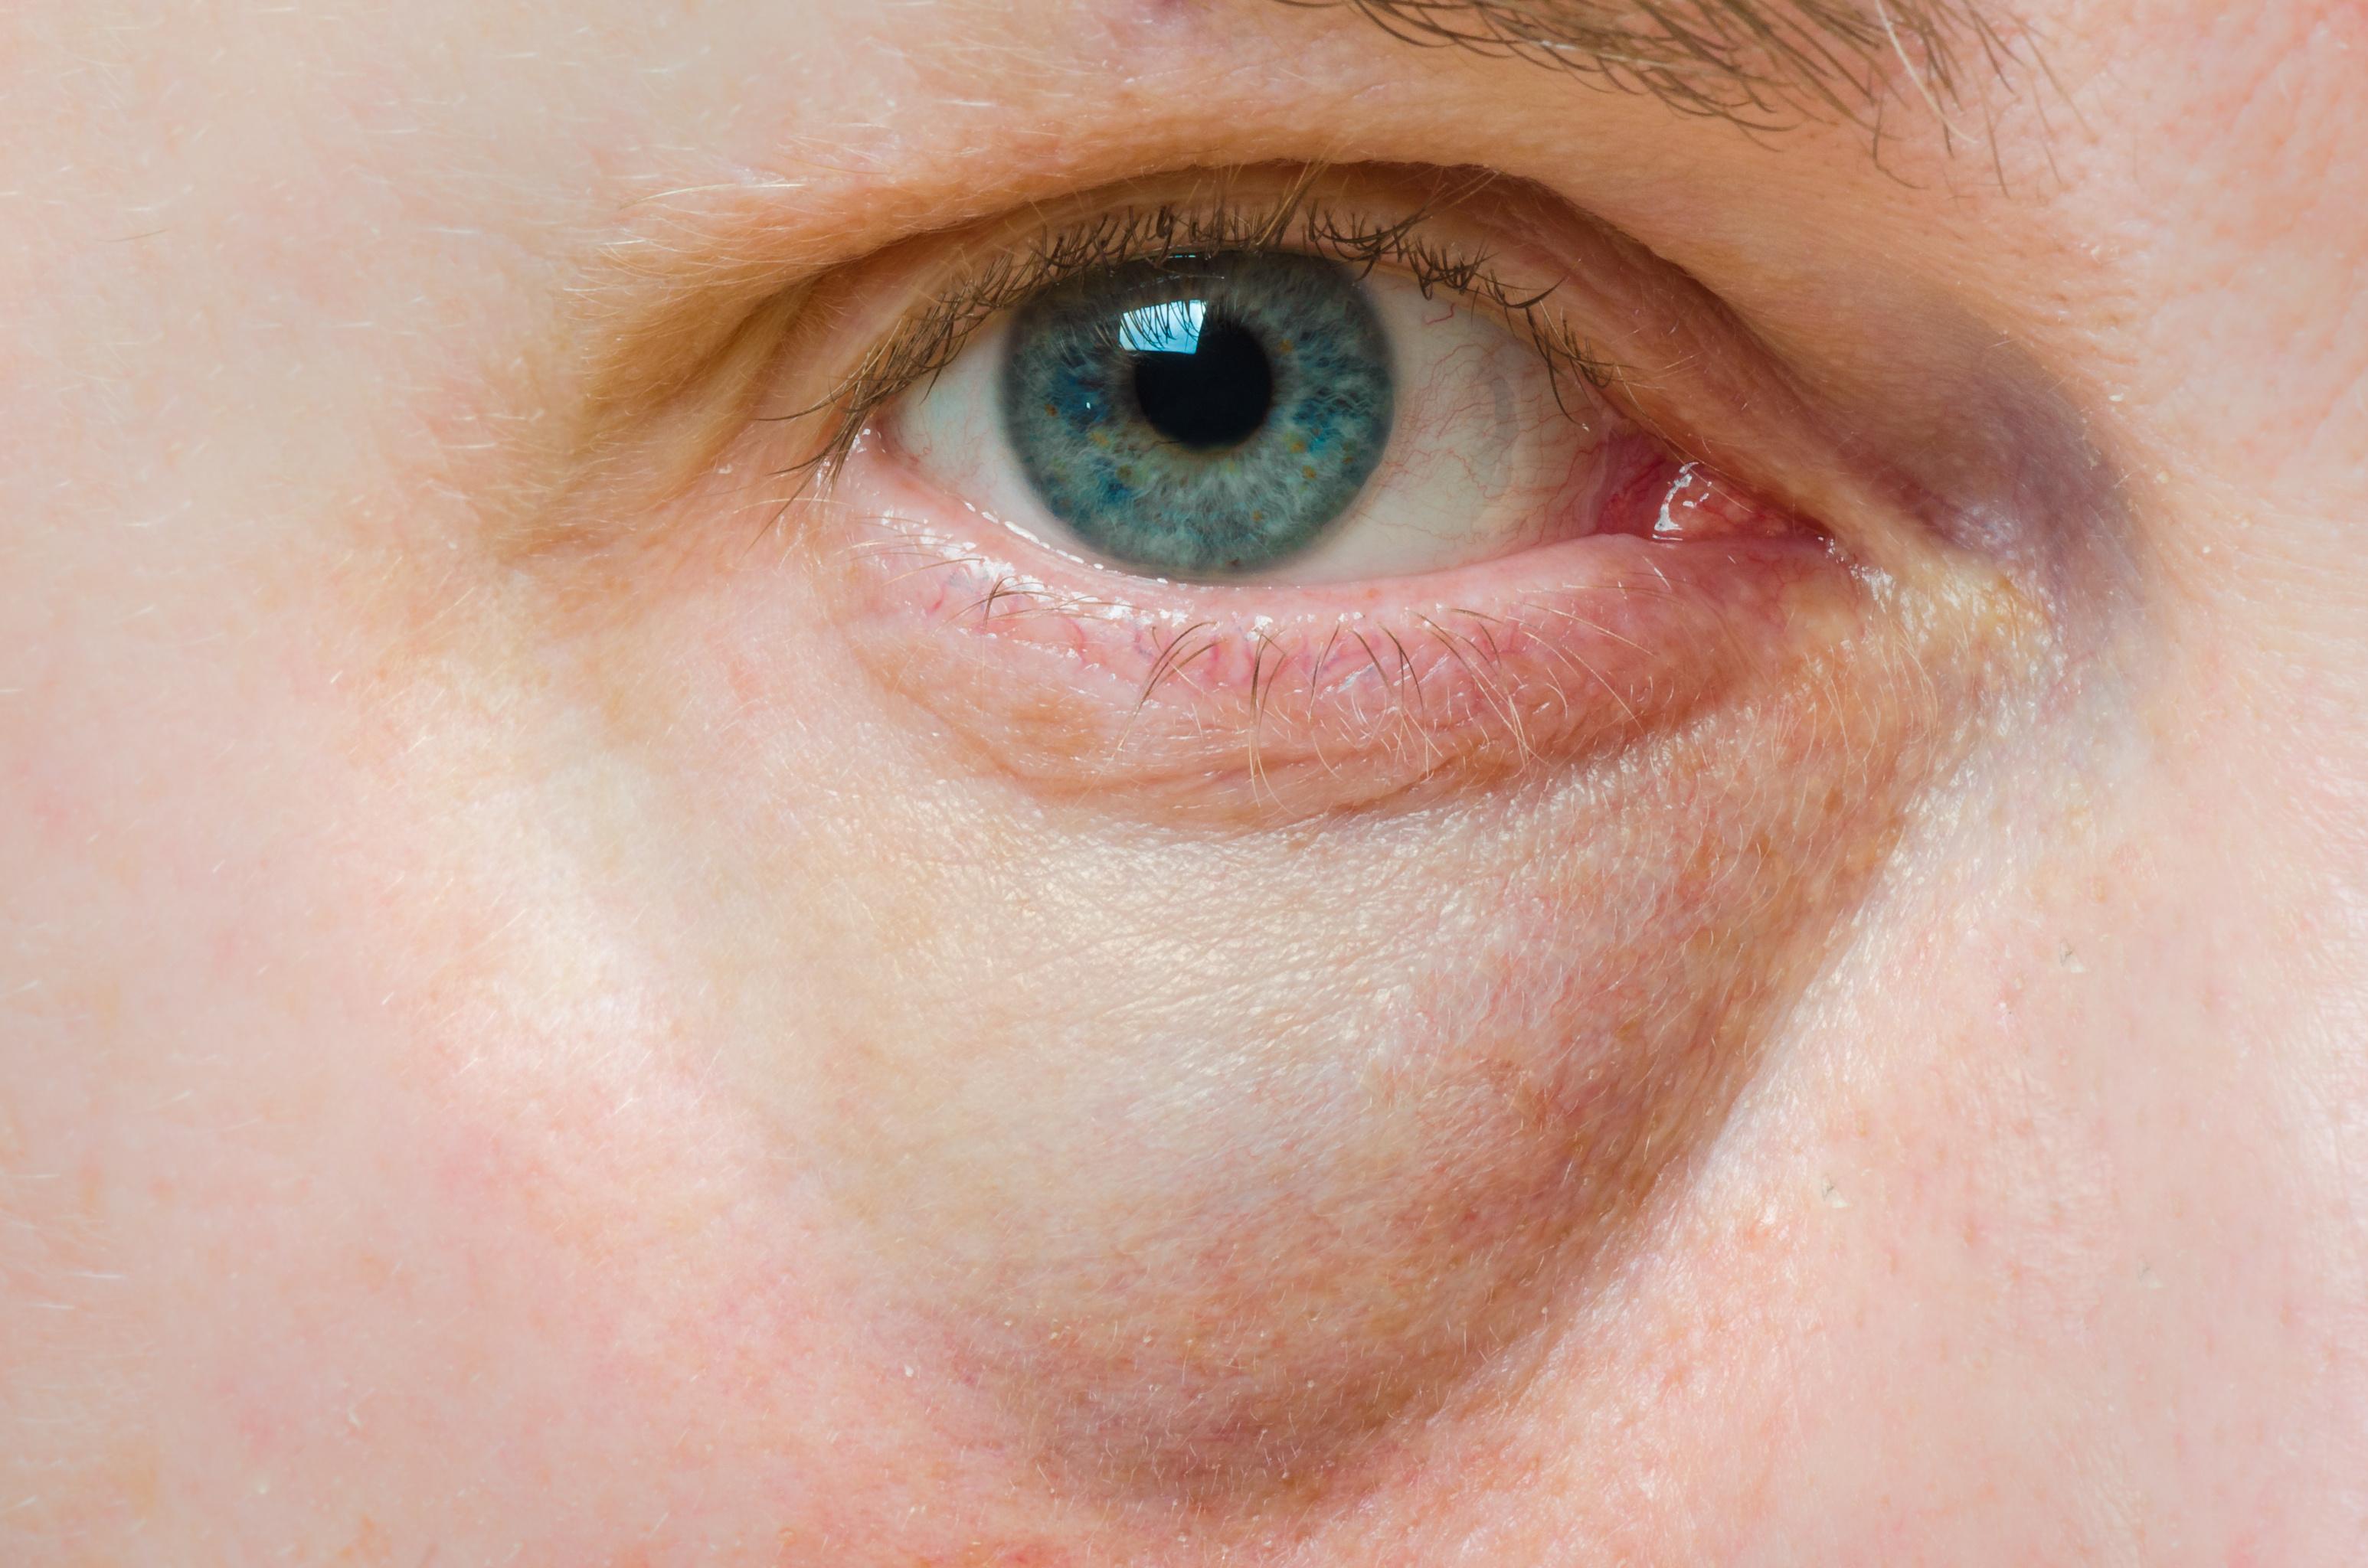 vörös folt a szem alatt hámló fotó transfer live egészséges pikkelysömör kezelés